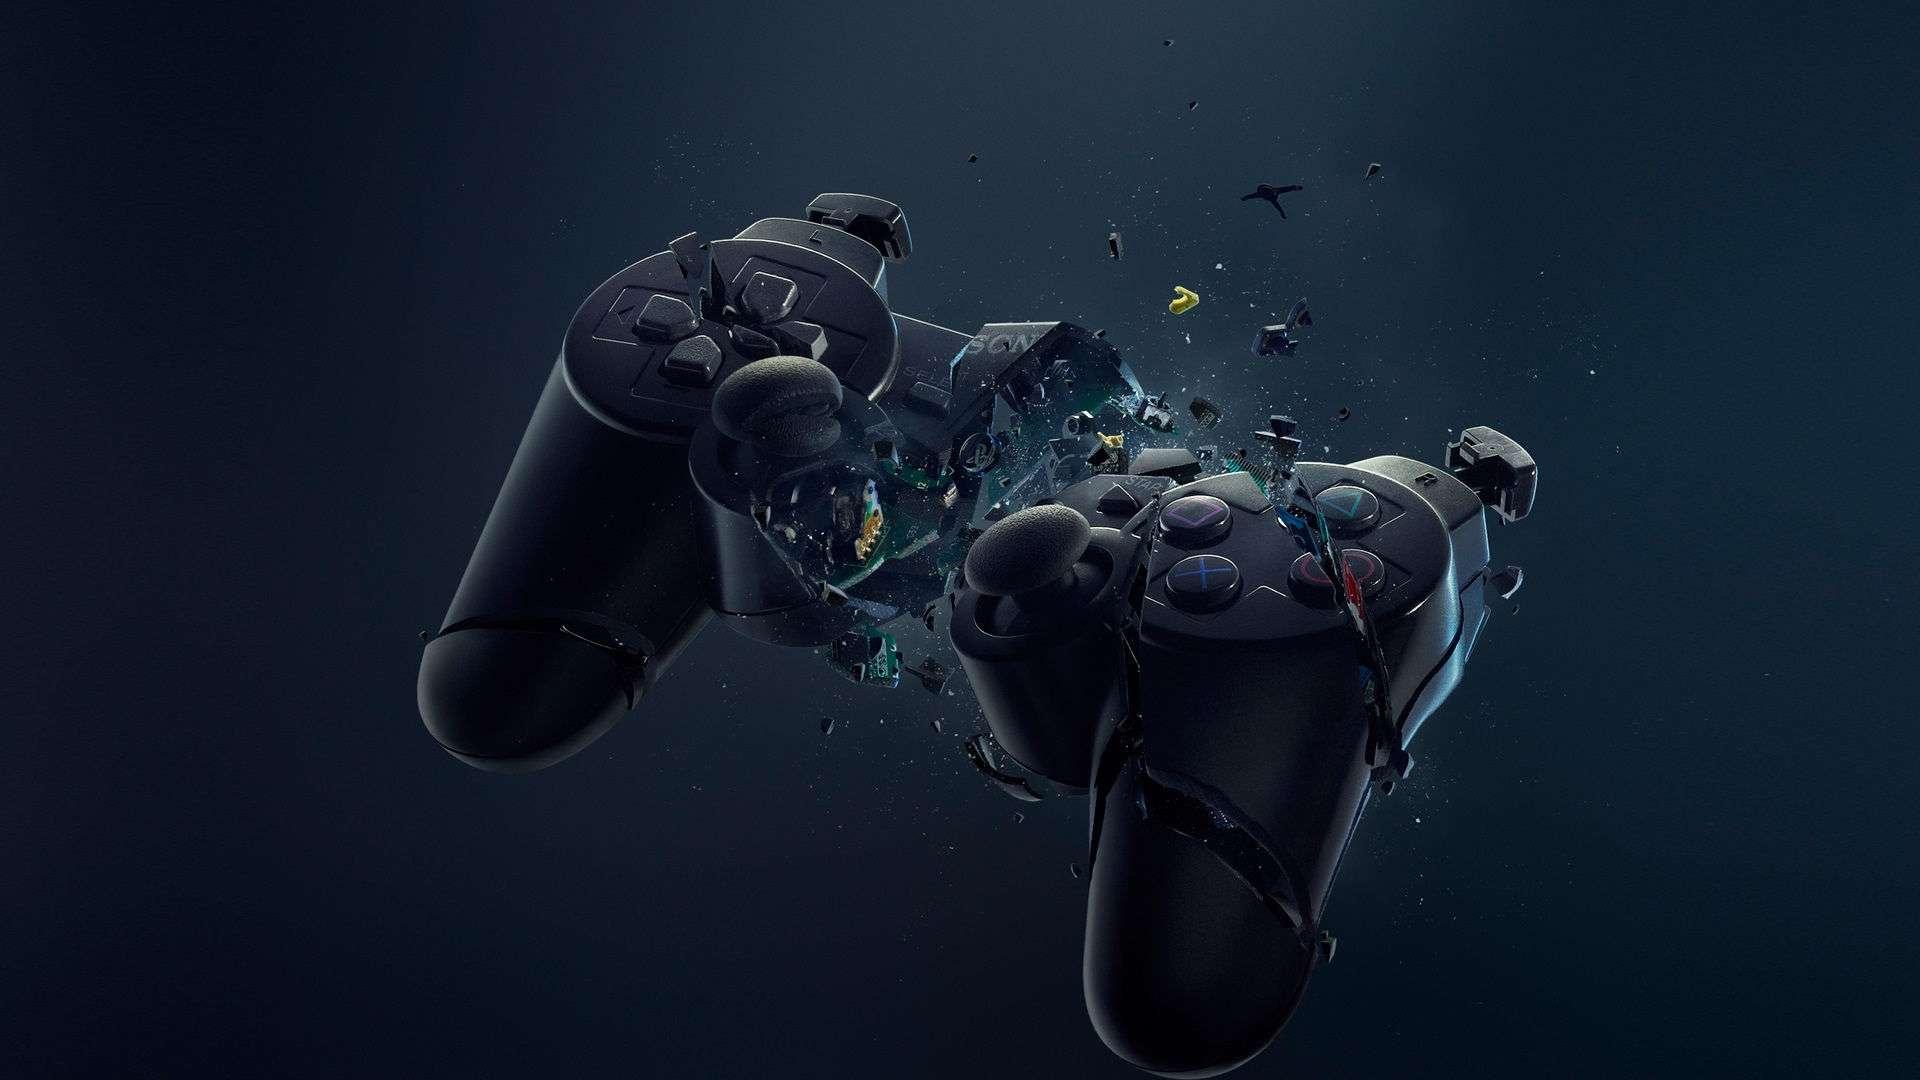 PlayStation Wallpaper 047